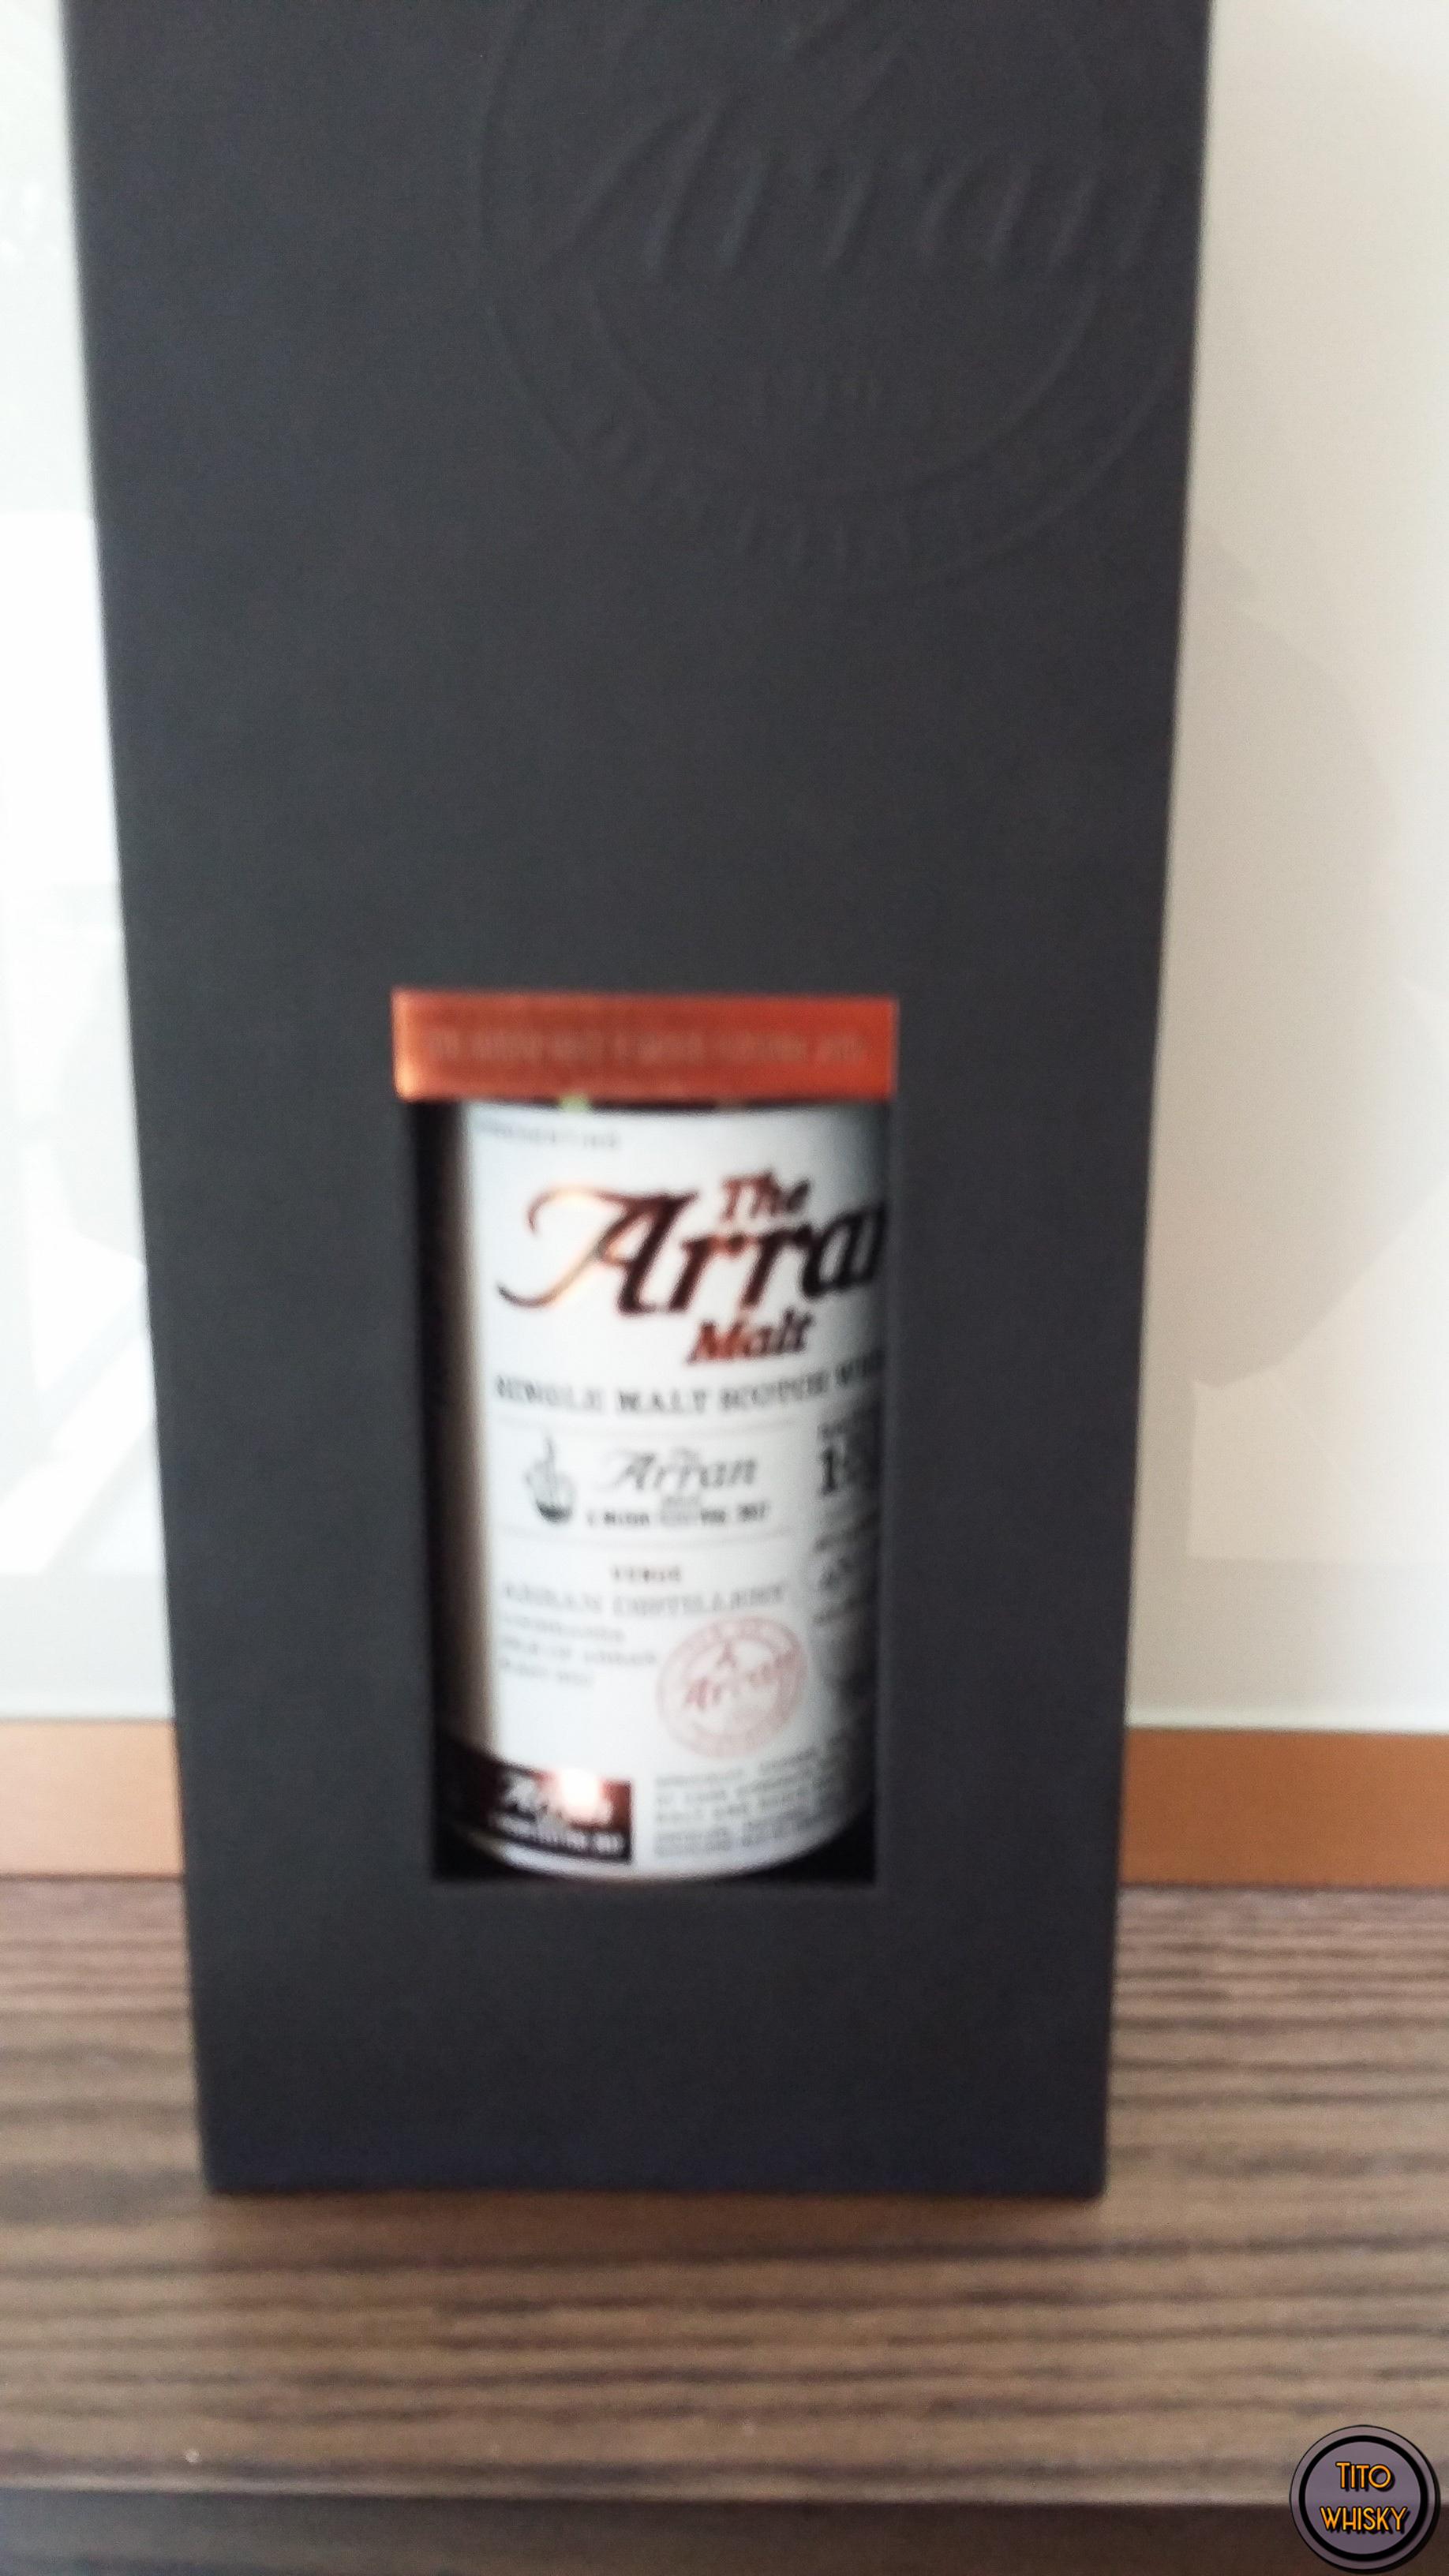 Degustación whisky arran